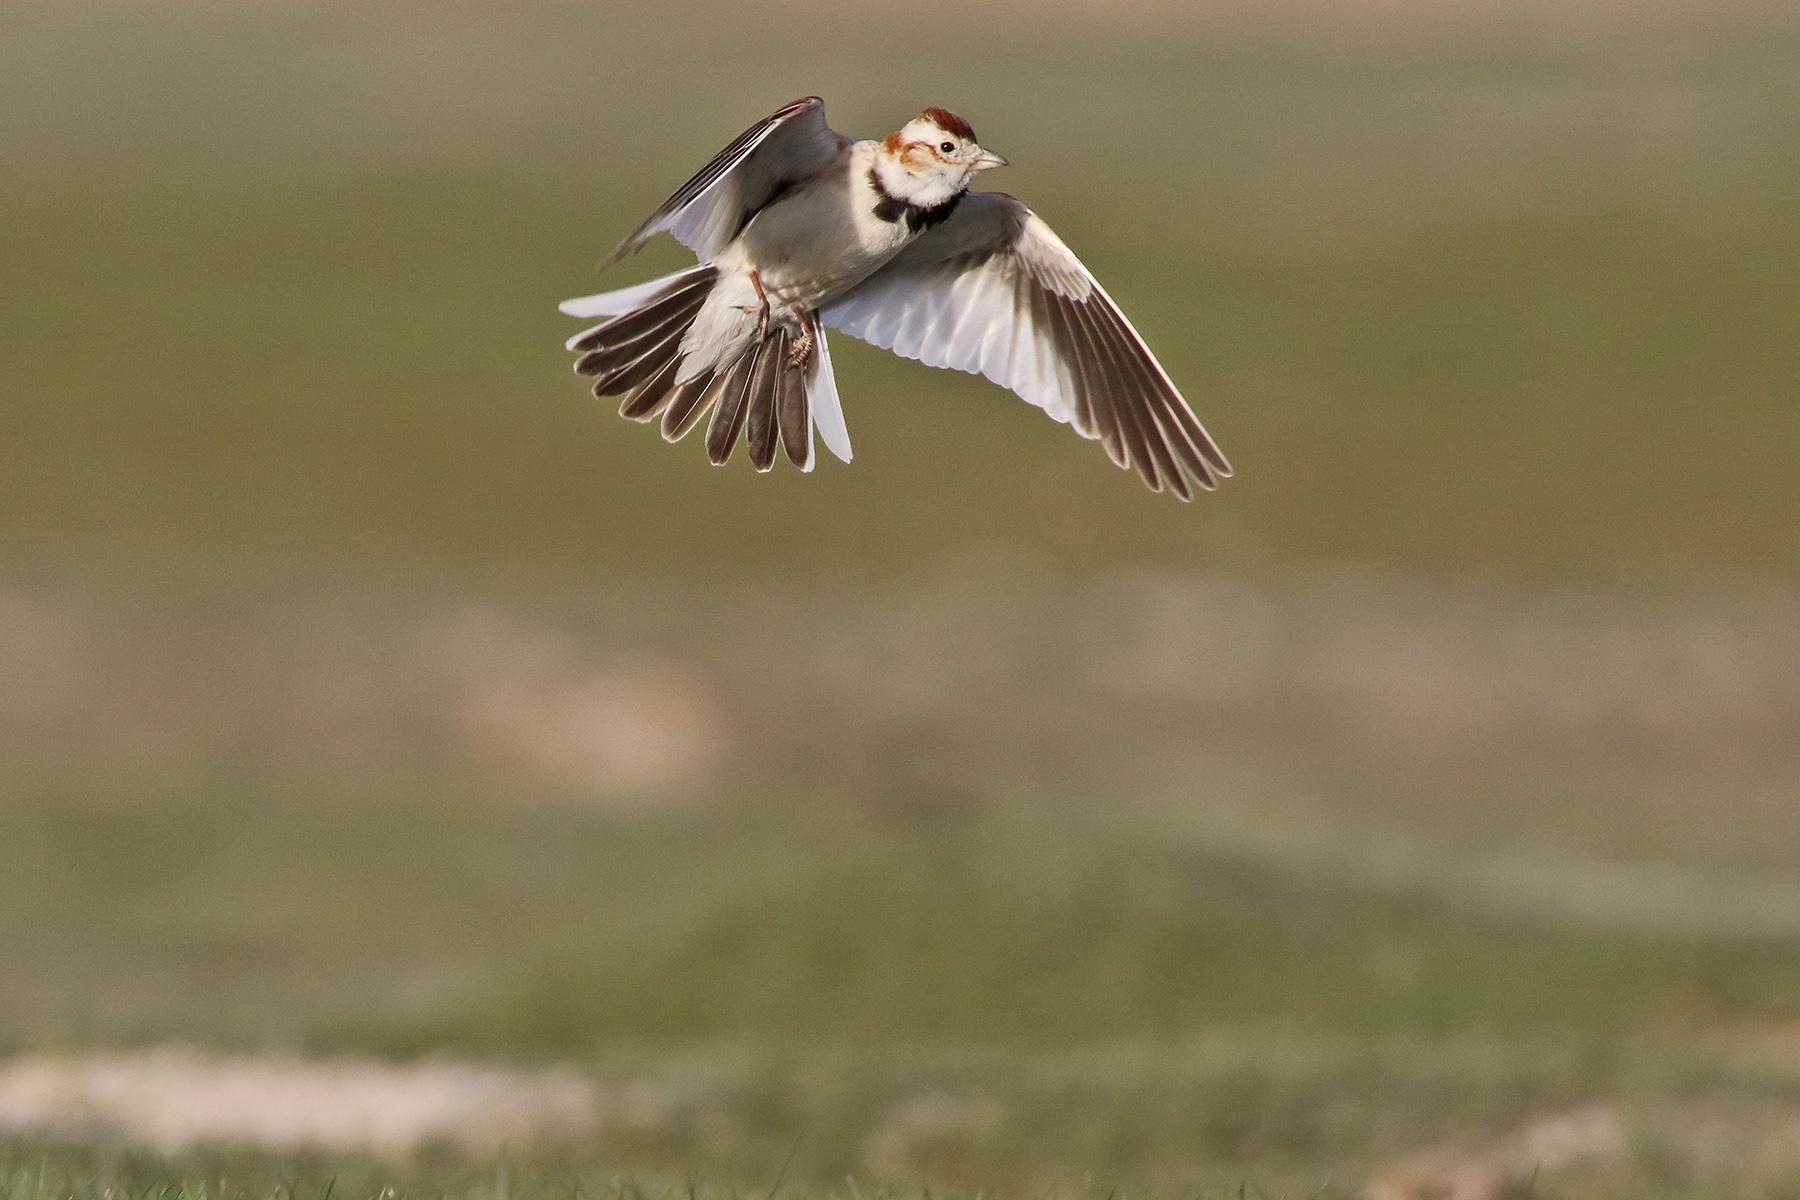 Mongolia Birding Tours - Mongolia Birdwatching Tours - Birdquest